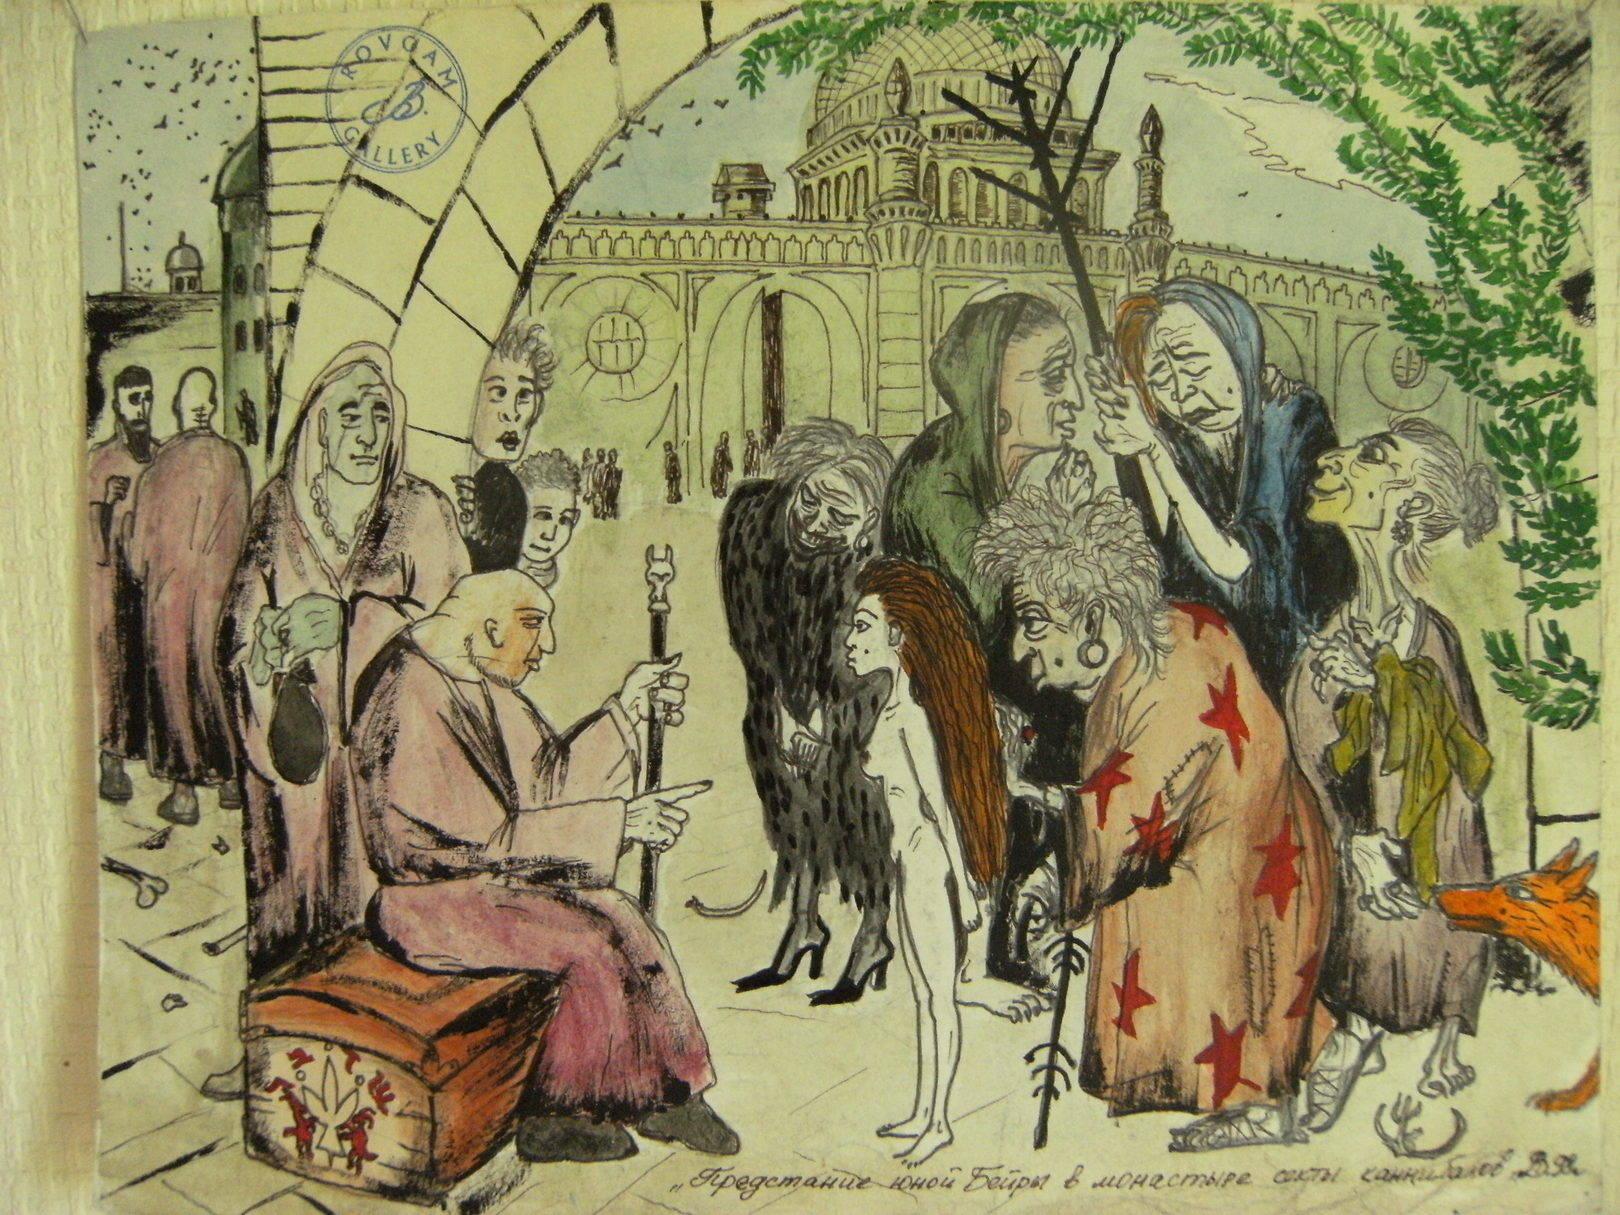 Предстание юной Бейры в монастыре секты каннибалов.